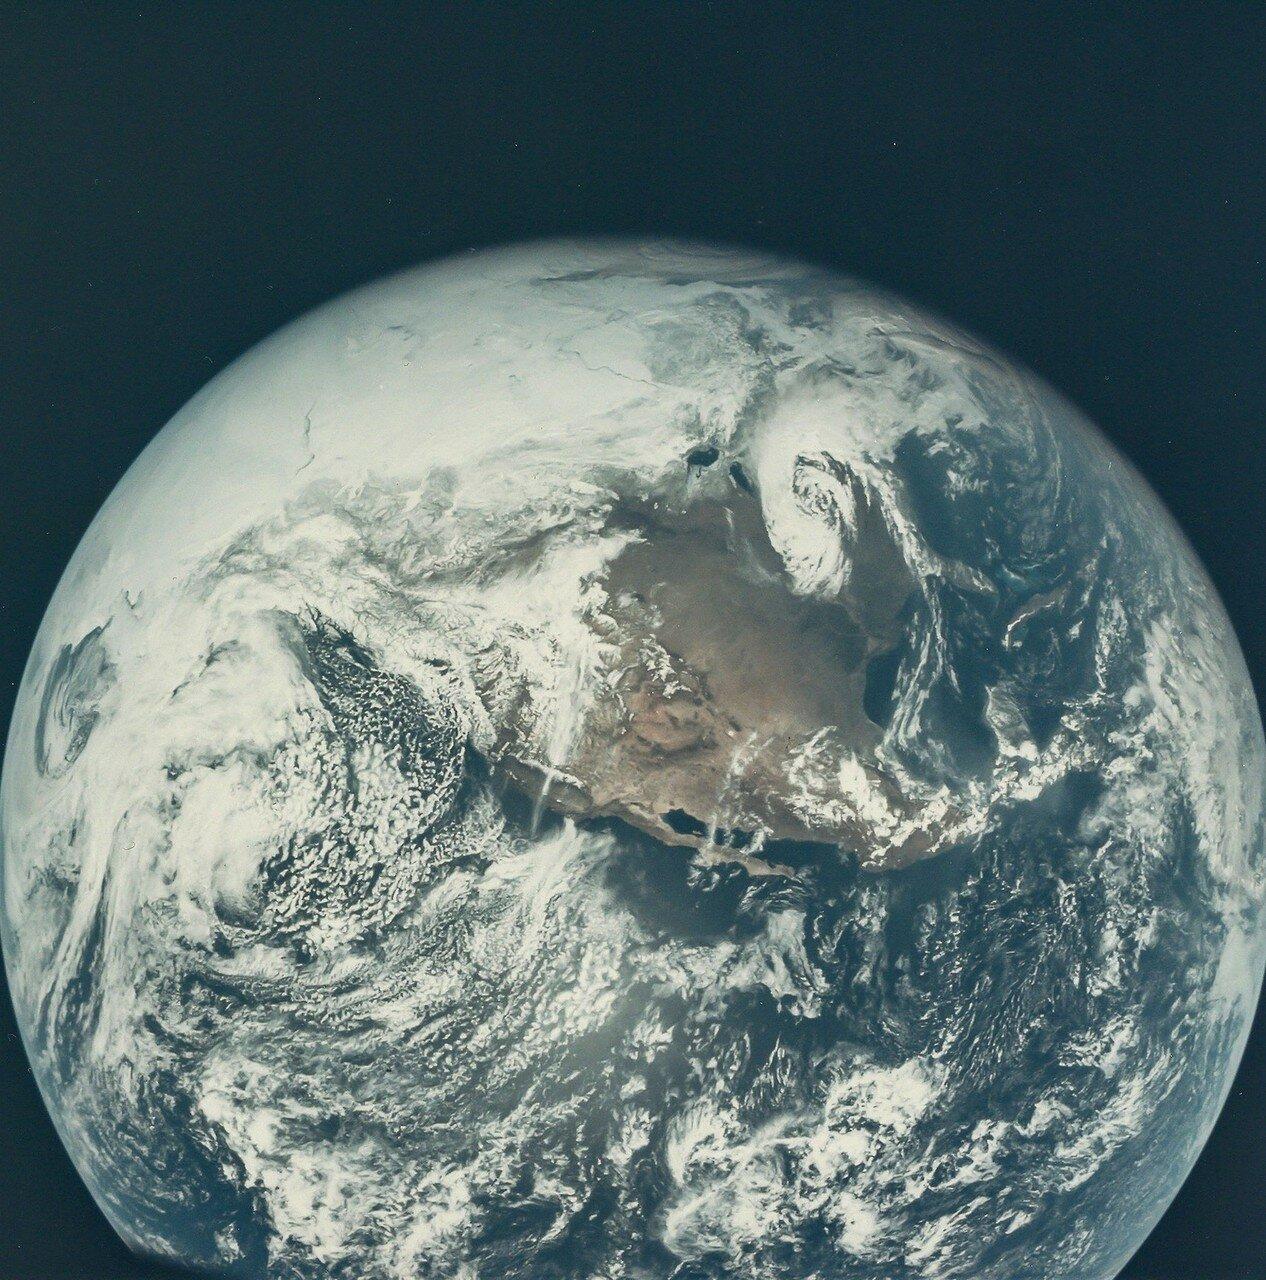 «Аполлон-16» перешёл на траекторию полёта к Луне. Скорость корабля в этот момент составила 36 360 км/ч. На снимке: Снимок Земли, сделанный во время полёта «Аполлона-16» к Луне.